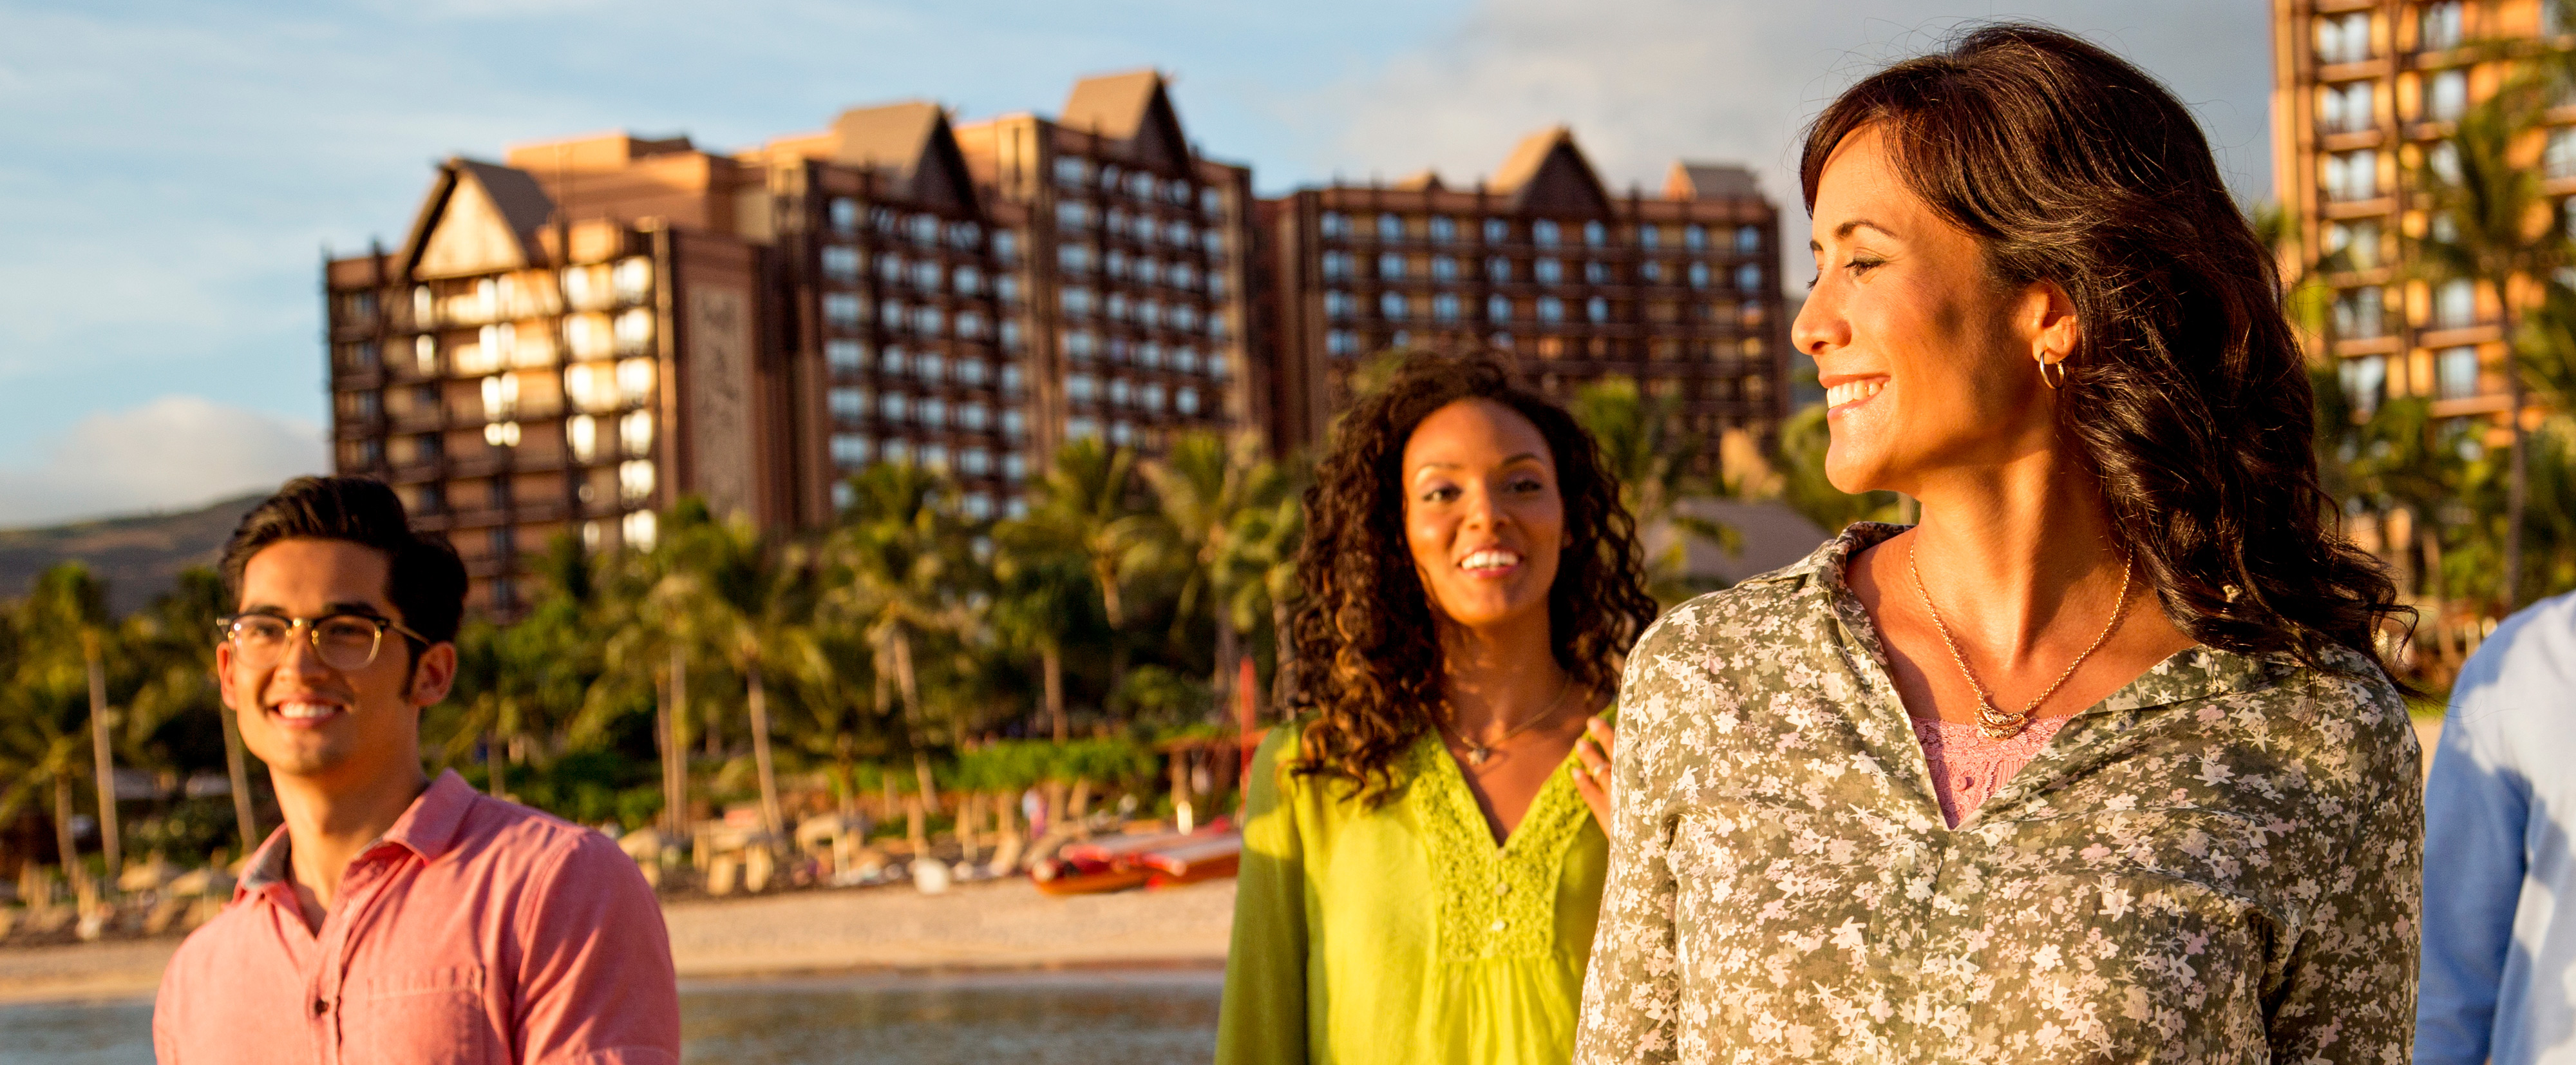 アウラニ・リゾート前のビーチを歩く若い男性と 2 人の若い女性。